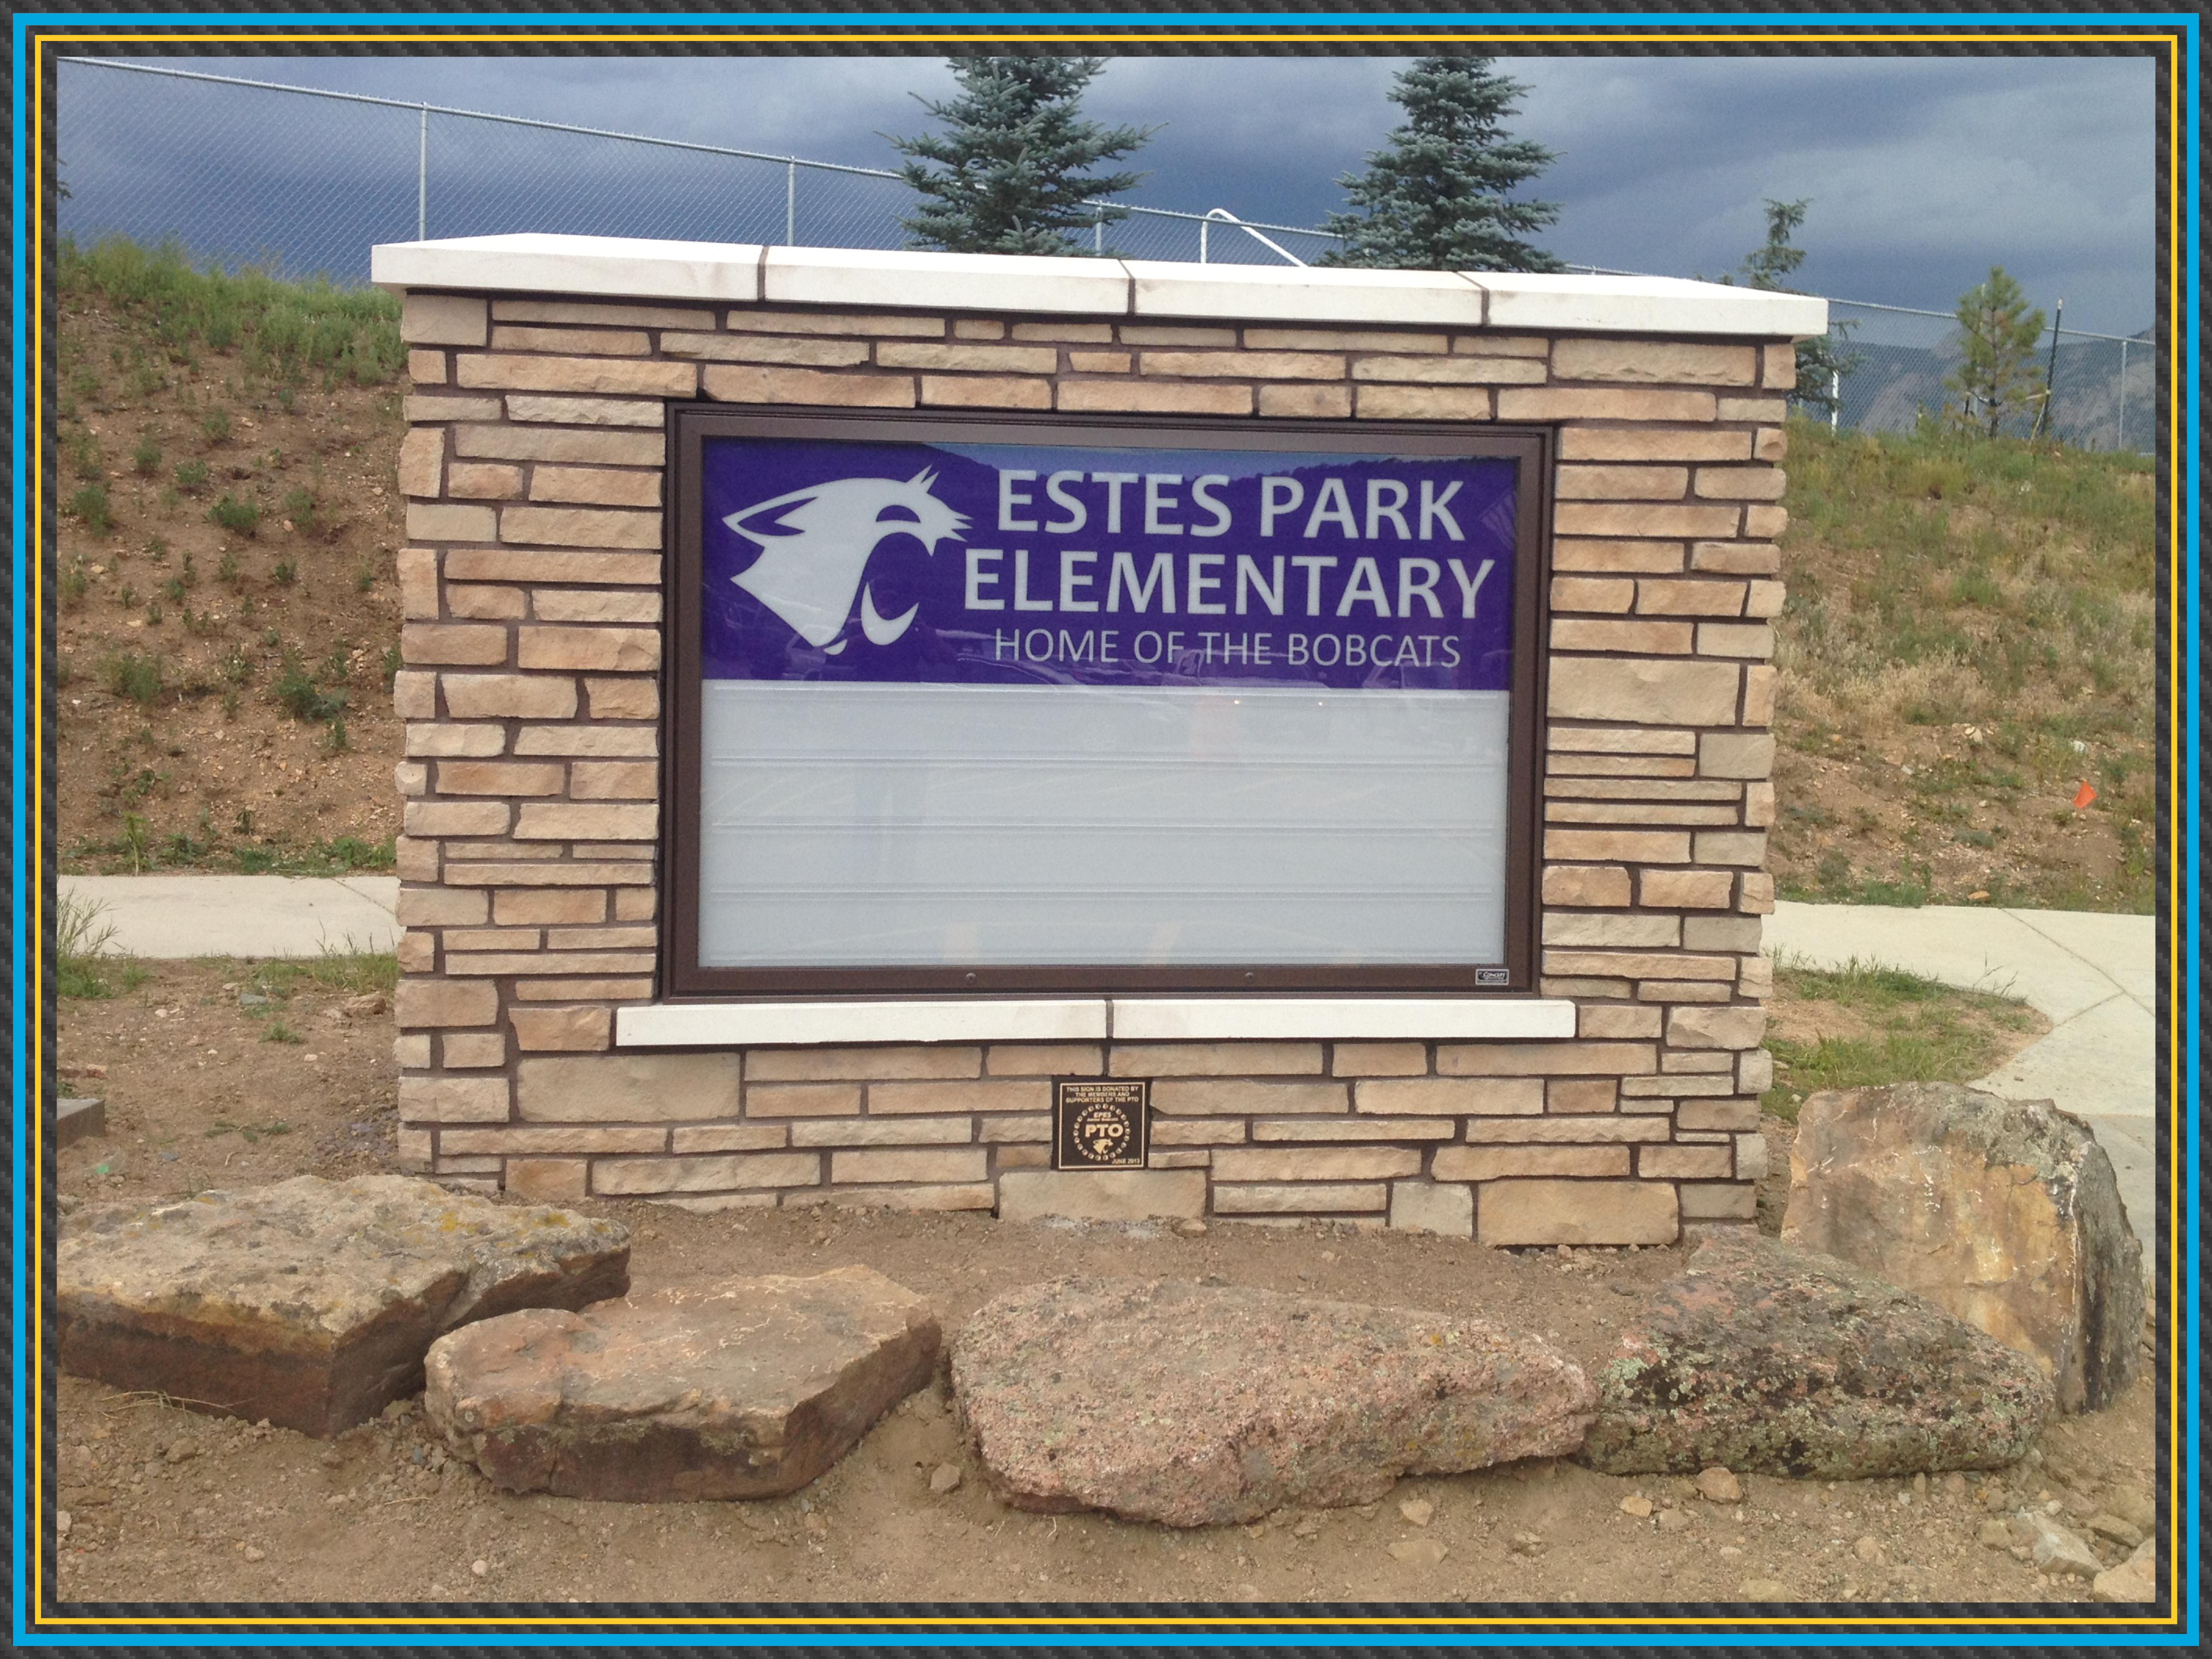 Estes Park Elementary